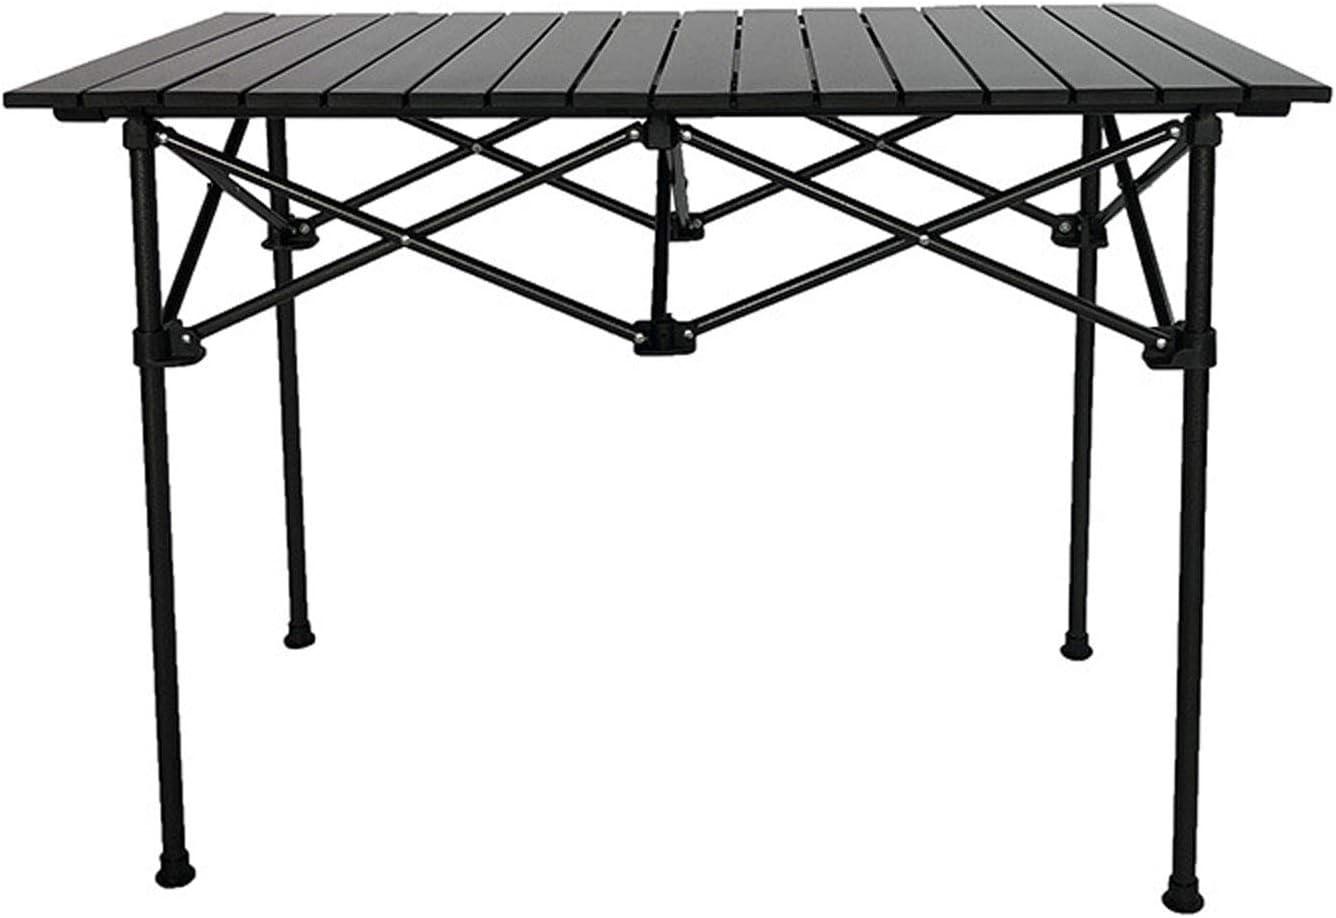 Mesa de Camping Plegable para Exteriores Mesa de Barbacoa de Aluminio portátil, Mesa de Comedor Ultraligera Enrollable, con Bolsa de Transporte,70×70×70